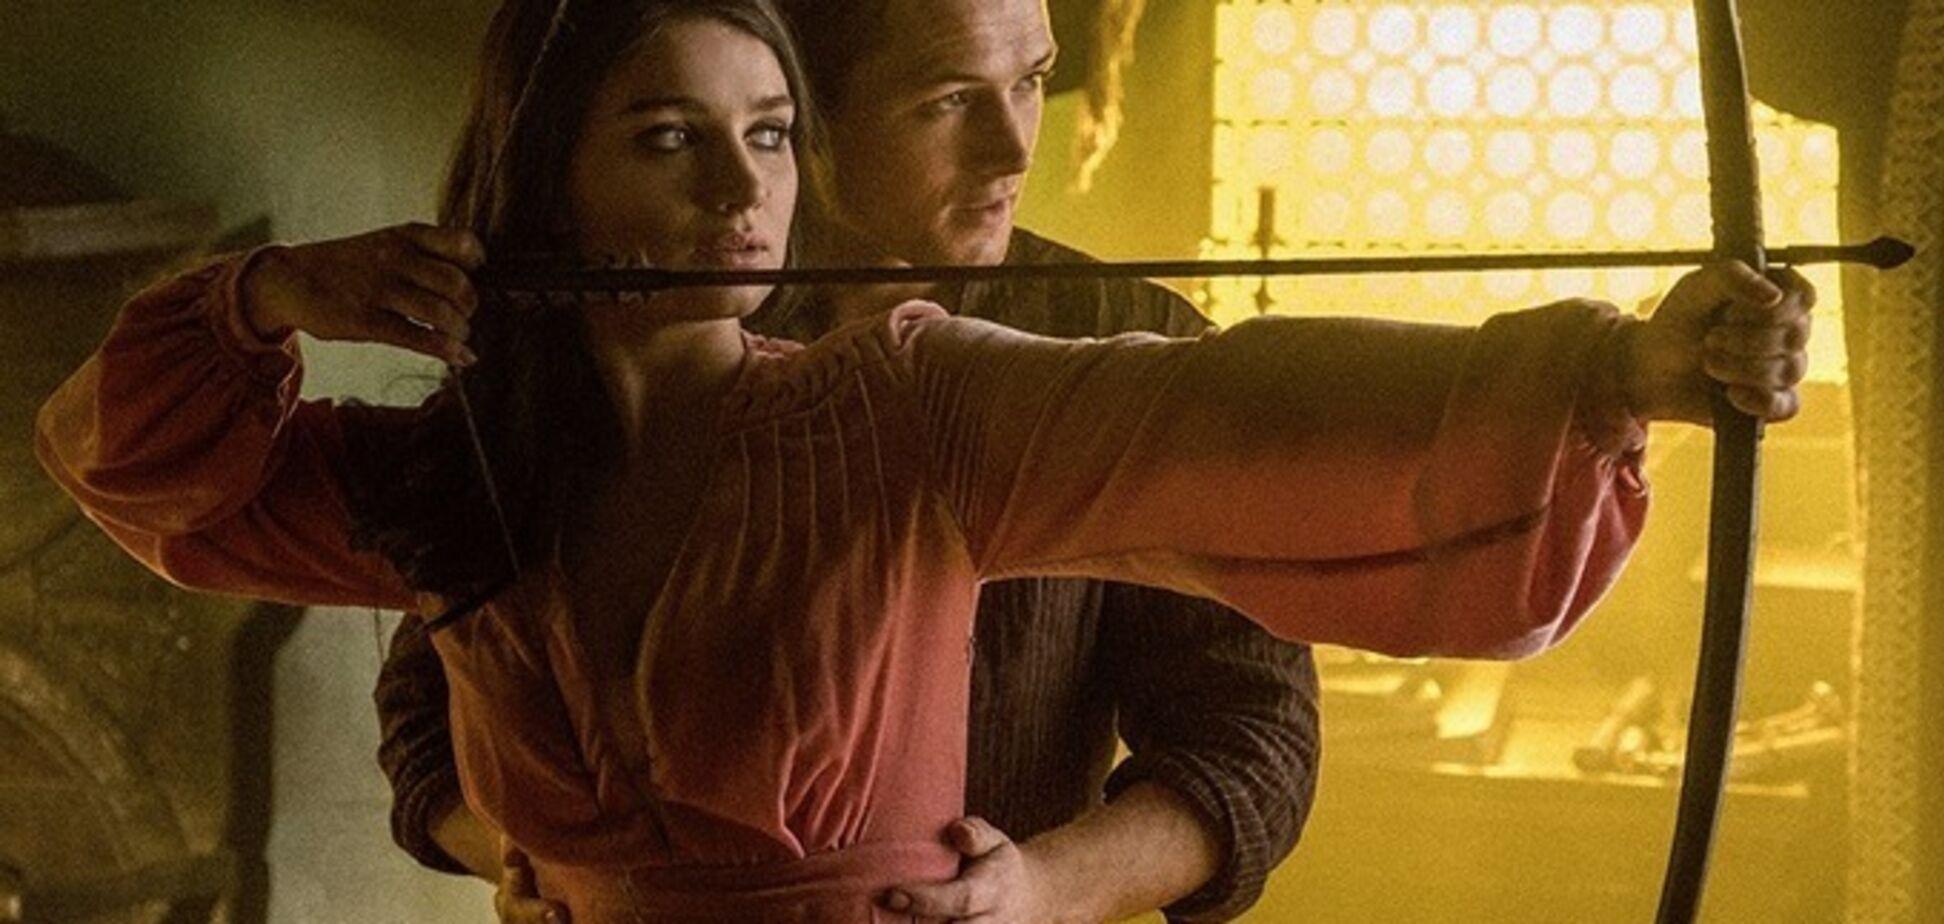 НедоБетмен: чому новий фільм про Робін Гуда такий поганий?